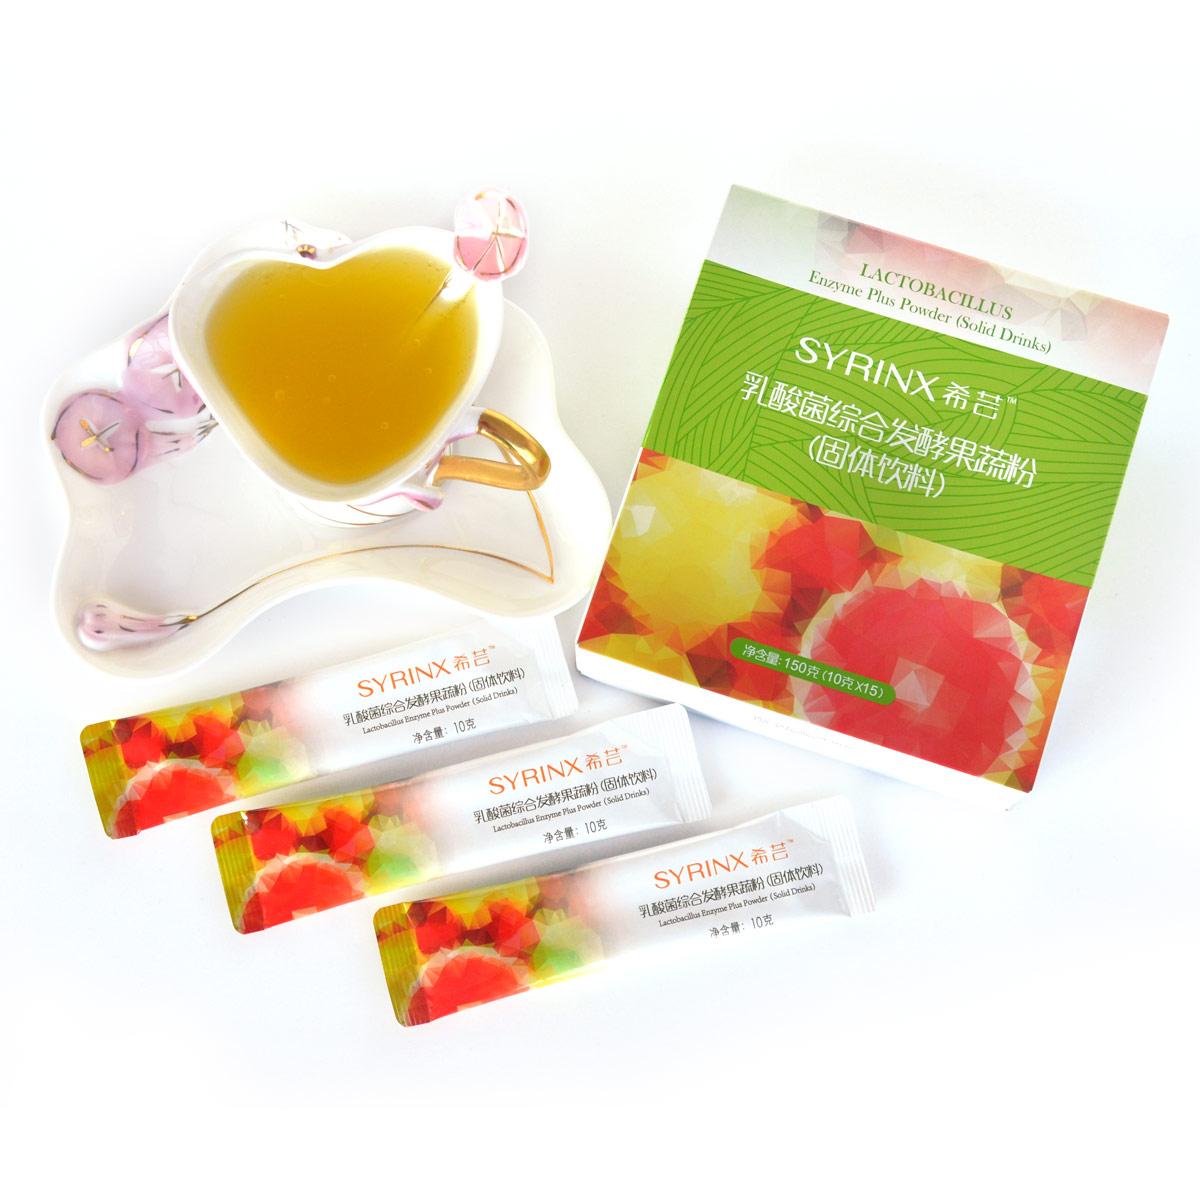 夏季冲饮希芸酵素3盒装90多种果蔬粉台湾原产防伪含柑橘幼果提取